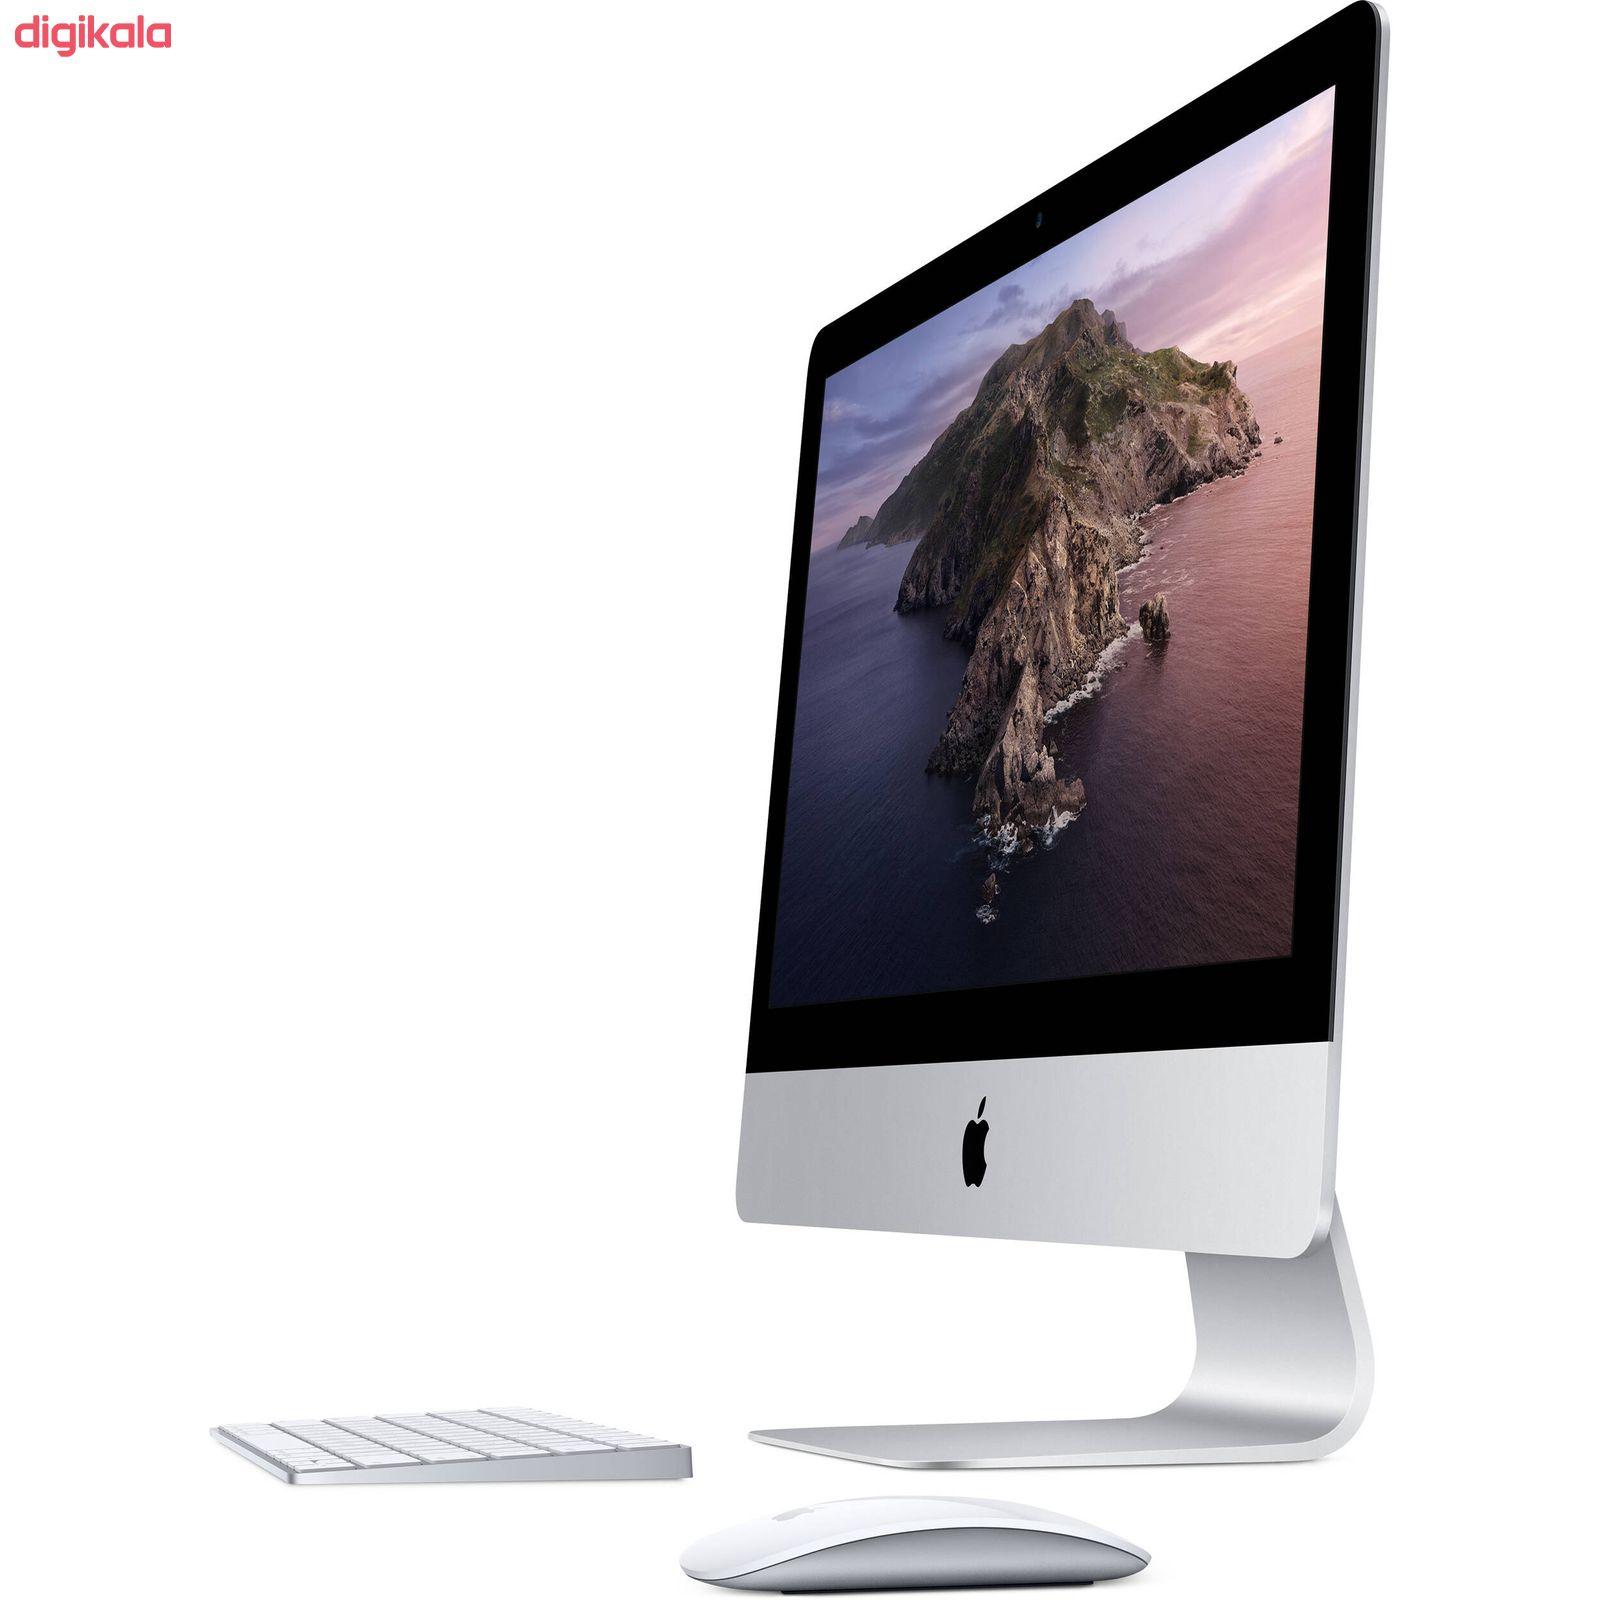 کامپیوتر همه کاره 21.5 اینچی اپل مدل iMac MHK03 2020 main 1 1